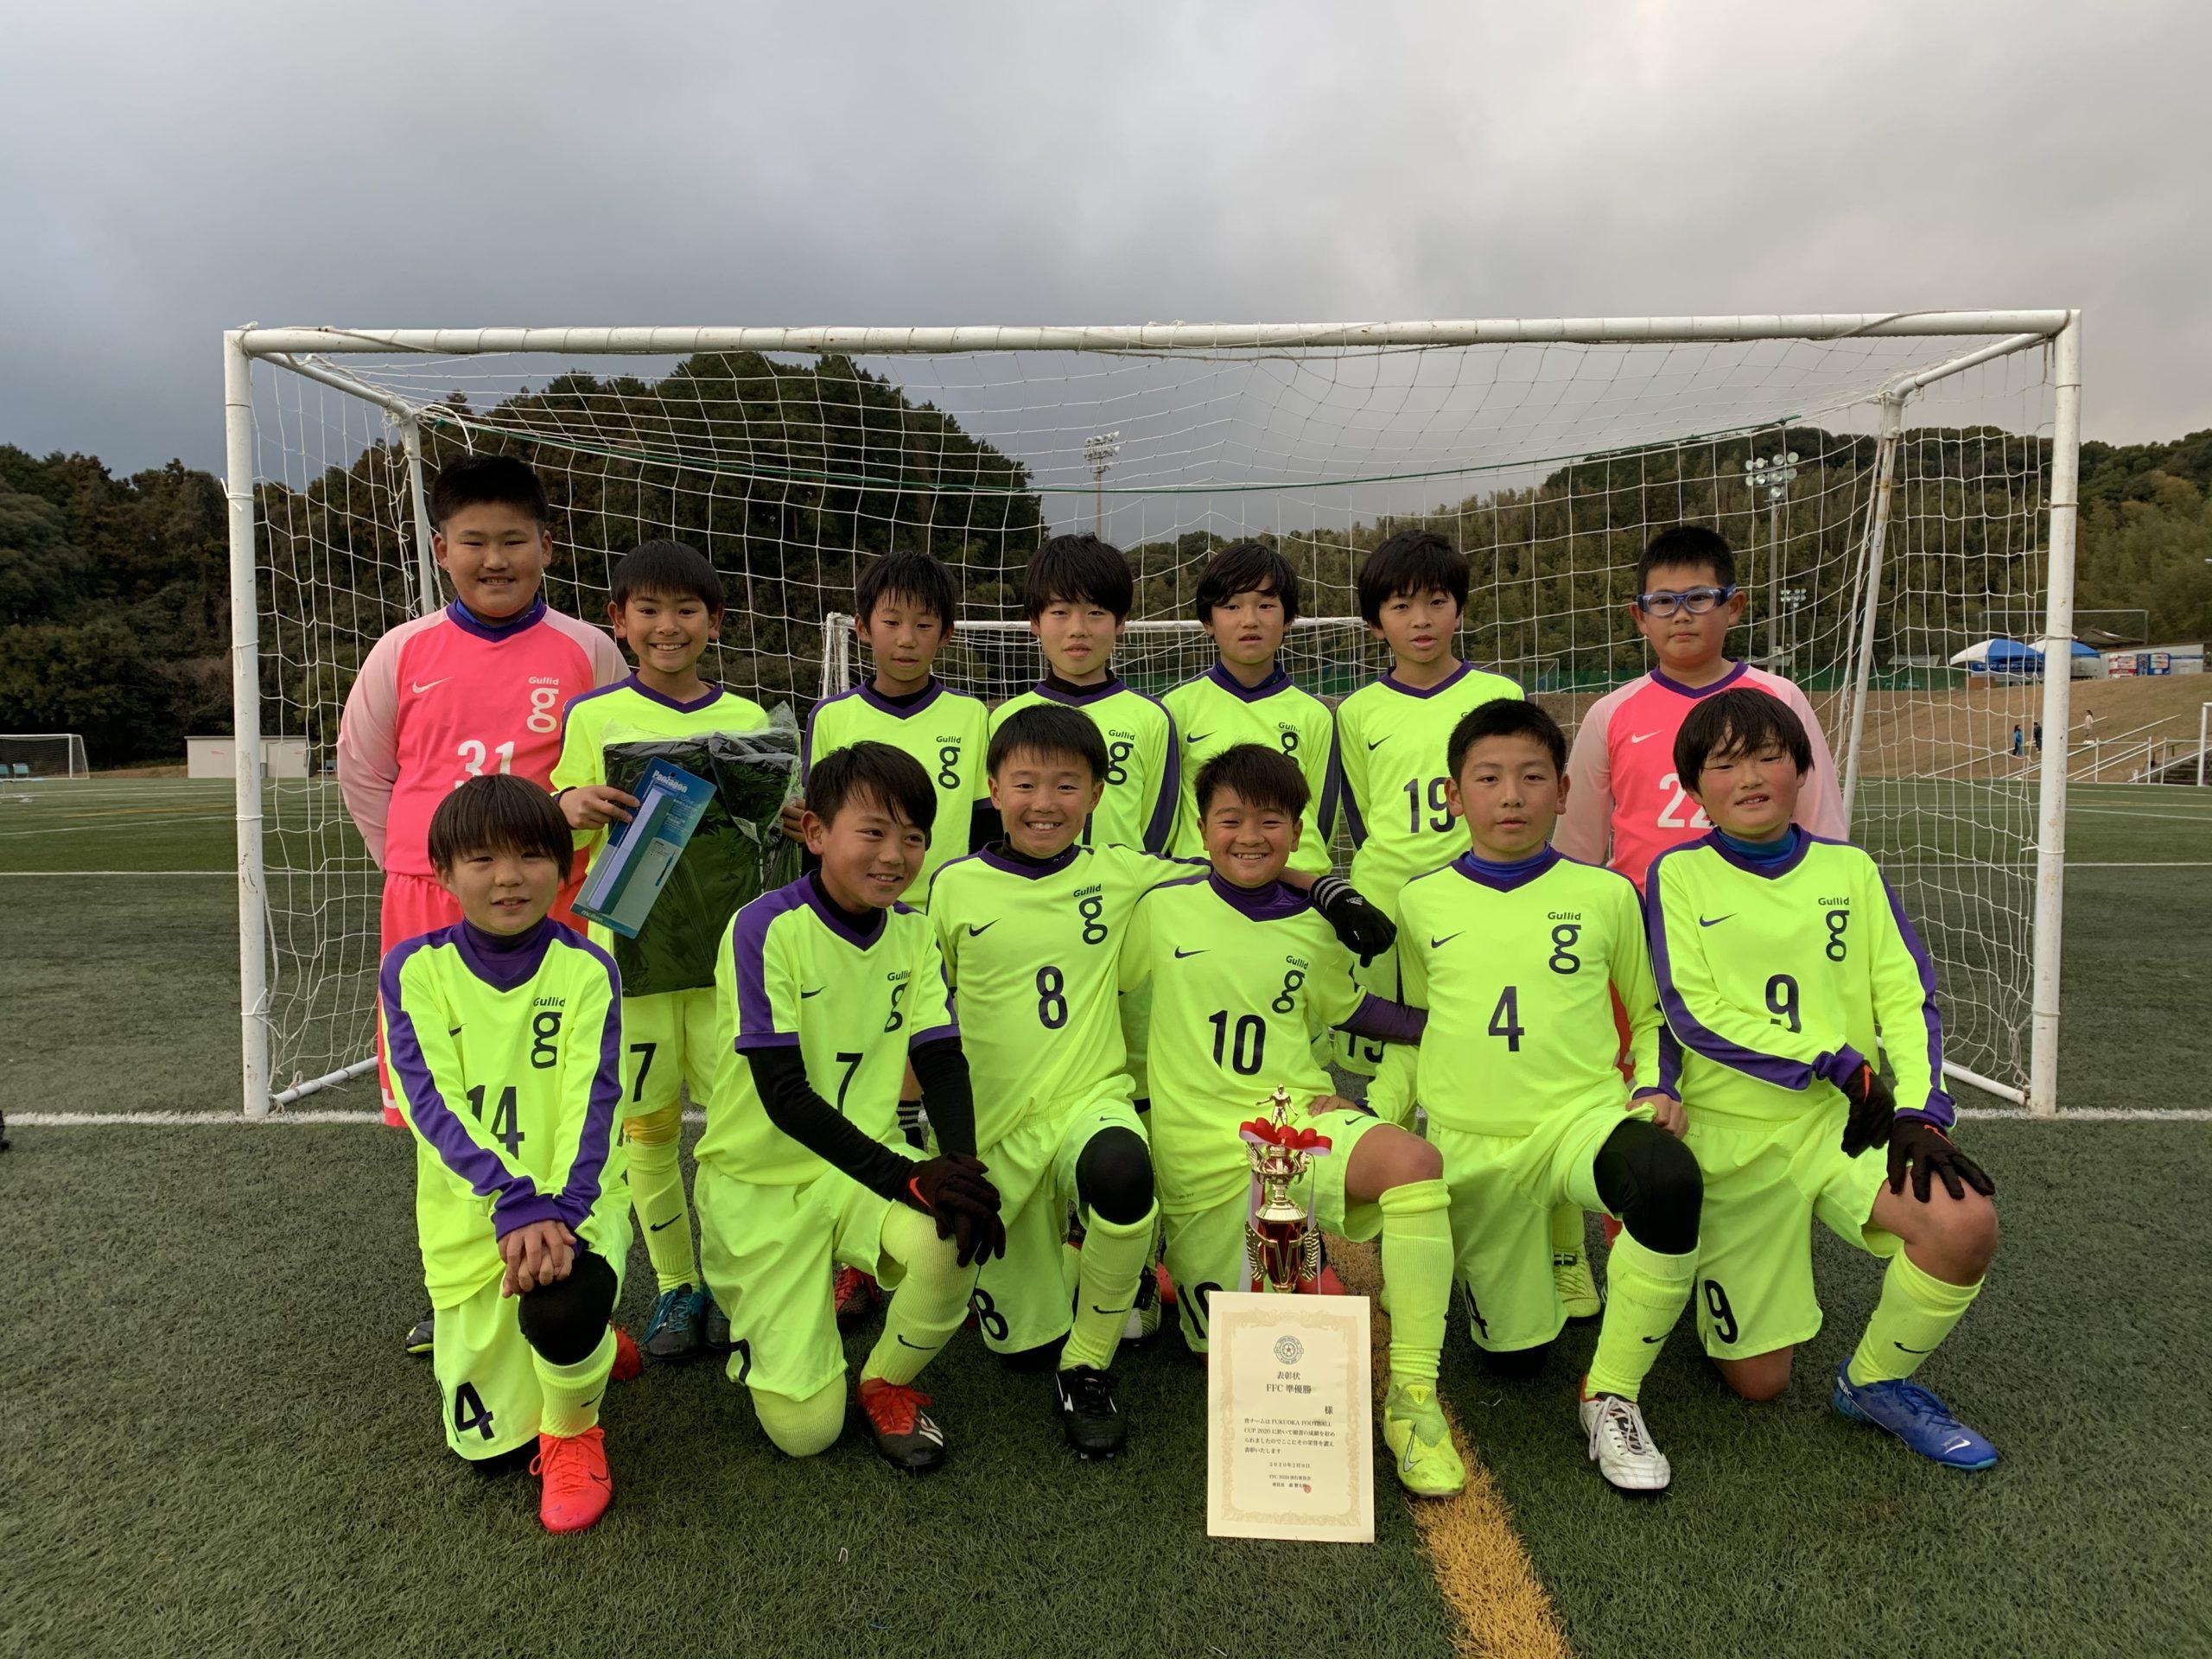 FukokaFootballCup2020 U-11 |2020.2.8-2.9